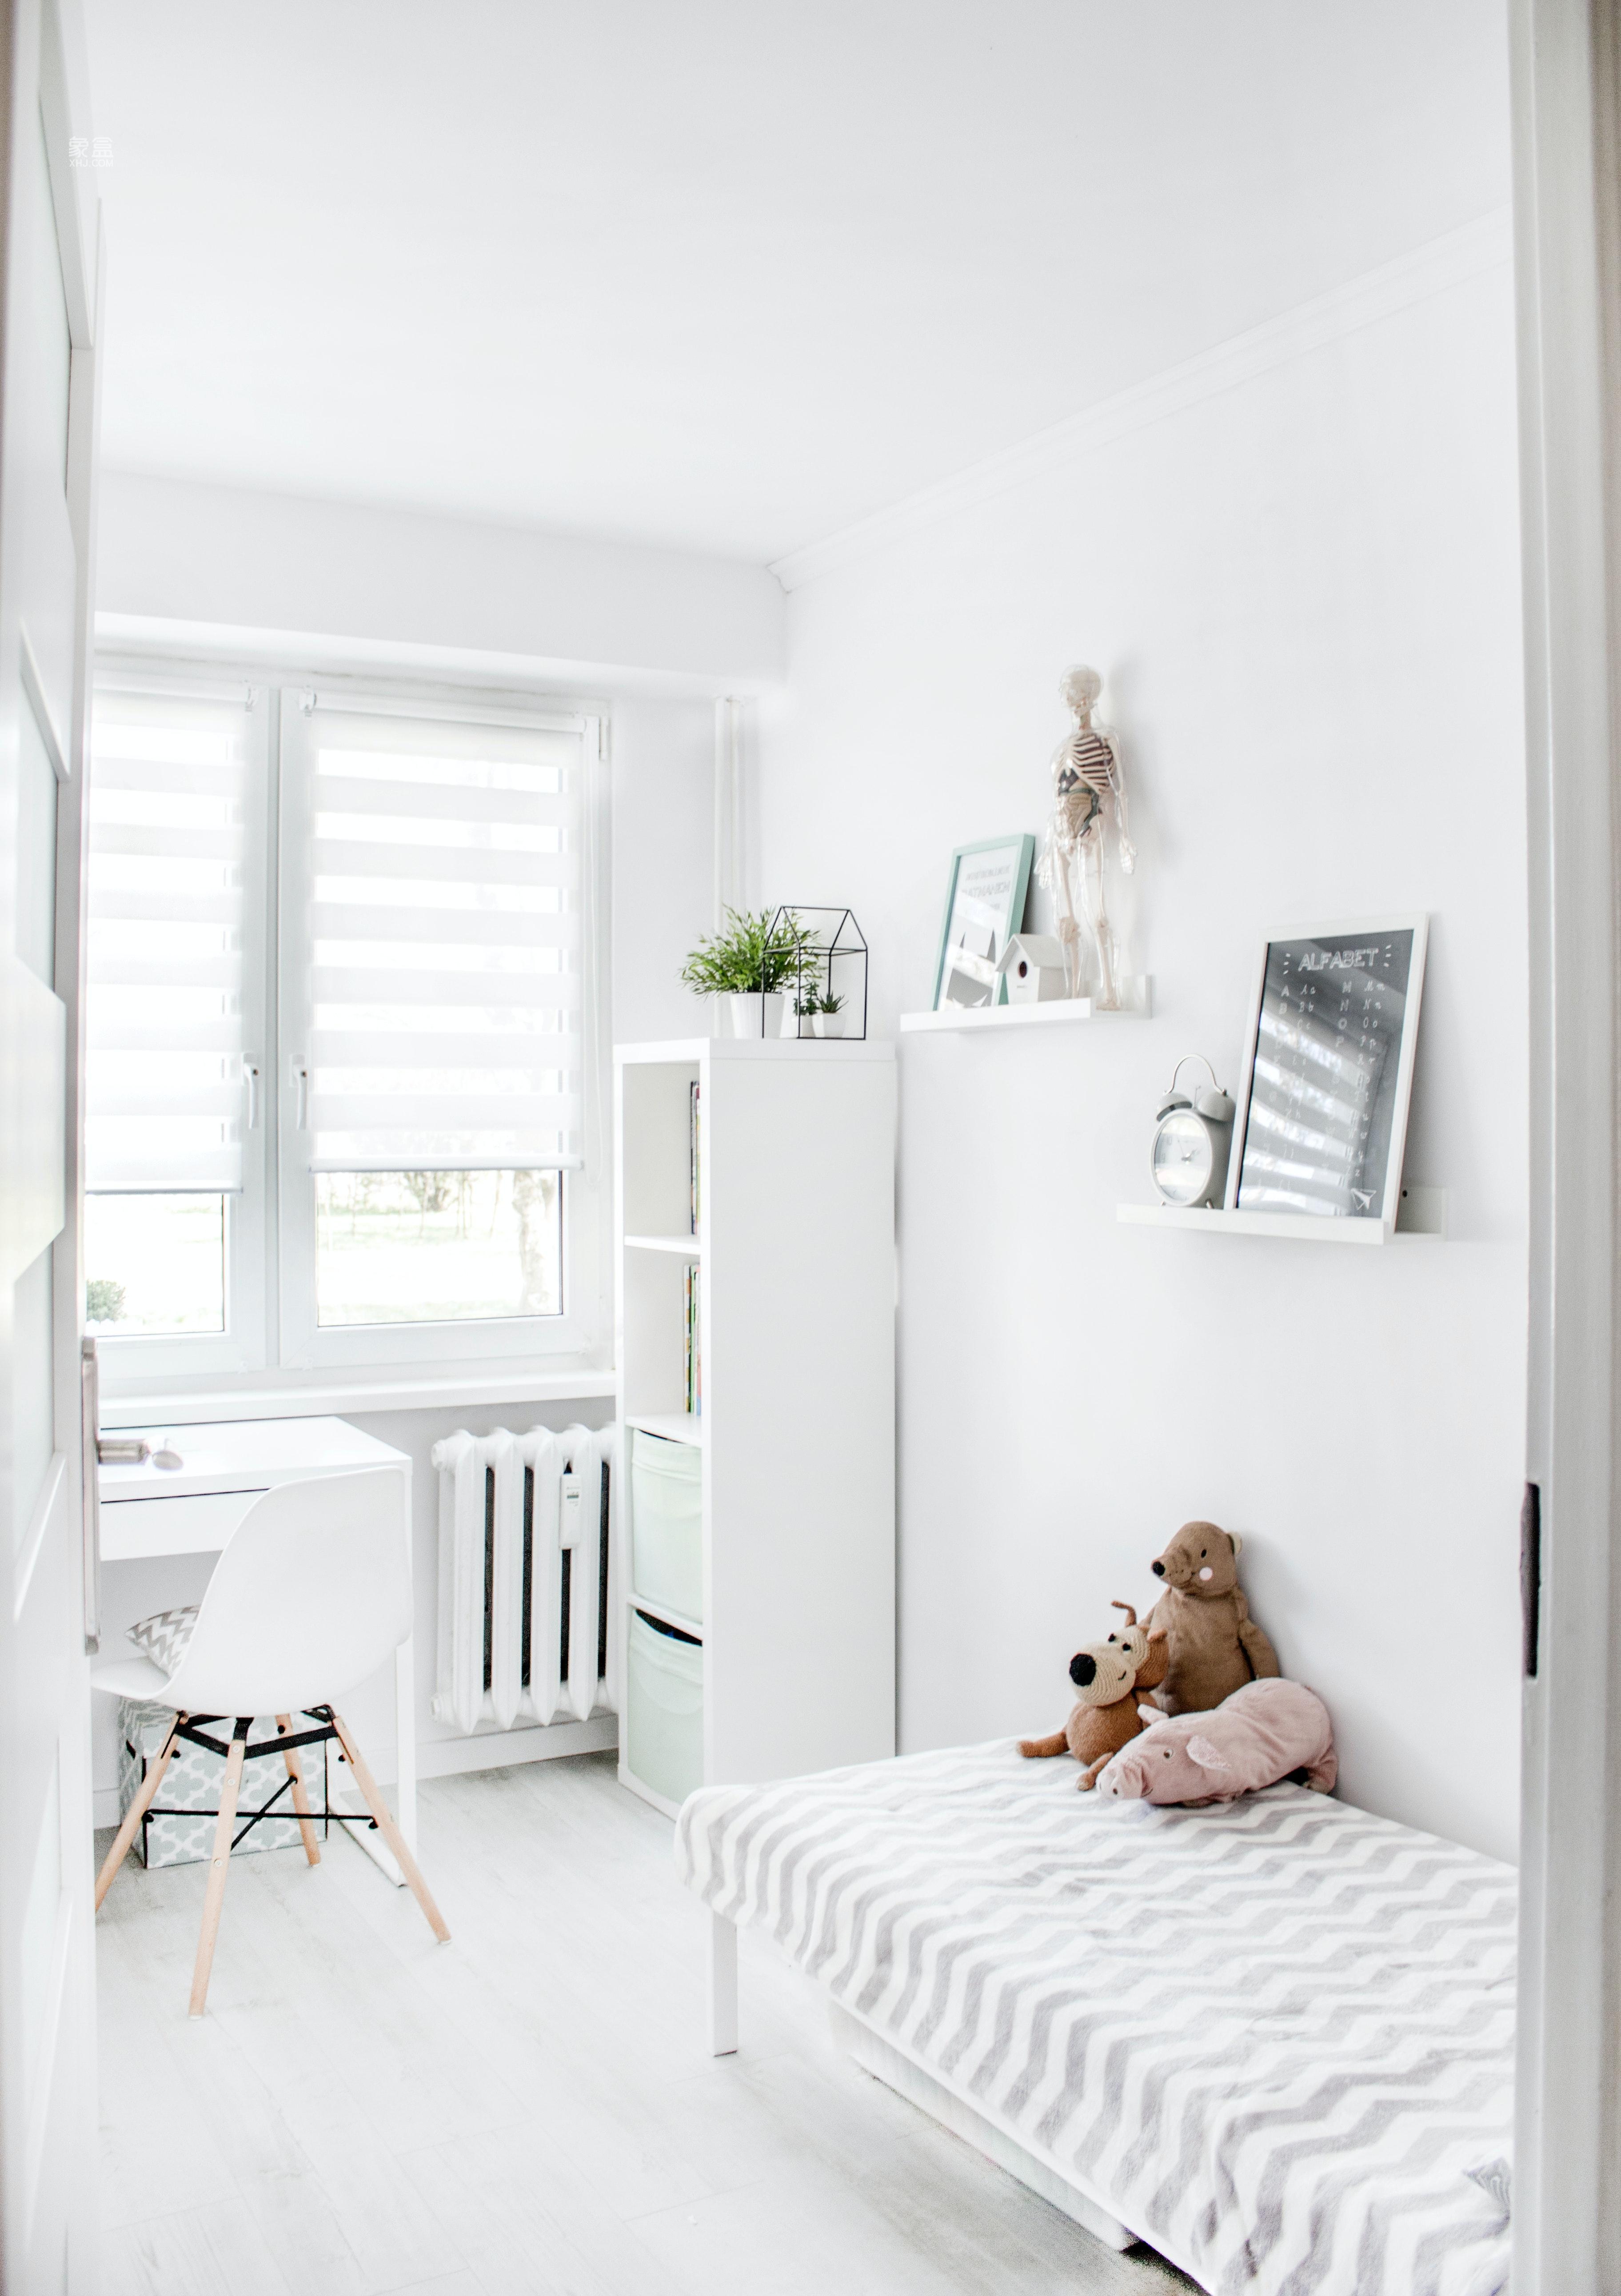 现代简约风格的卧室如何装修?